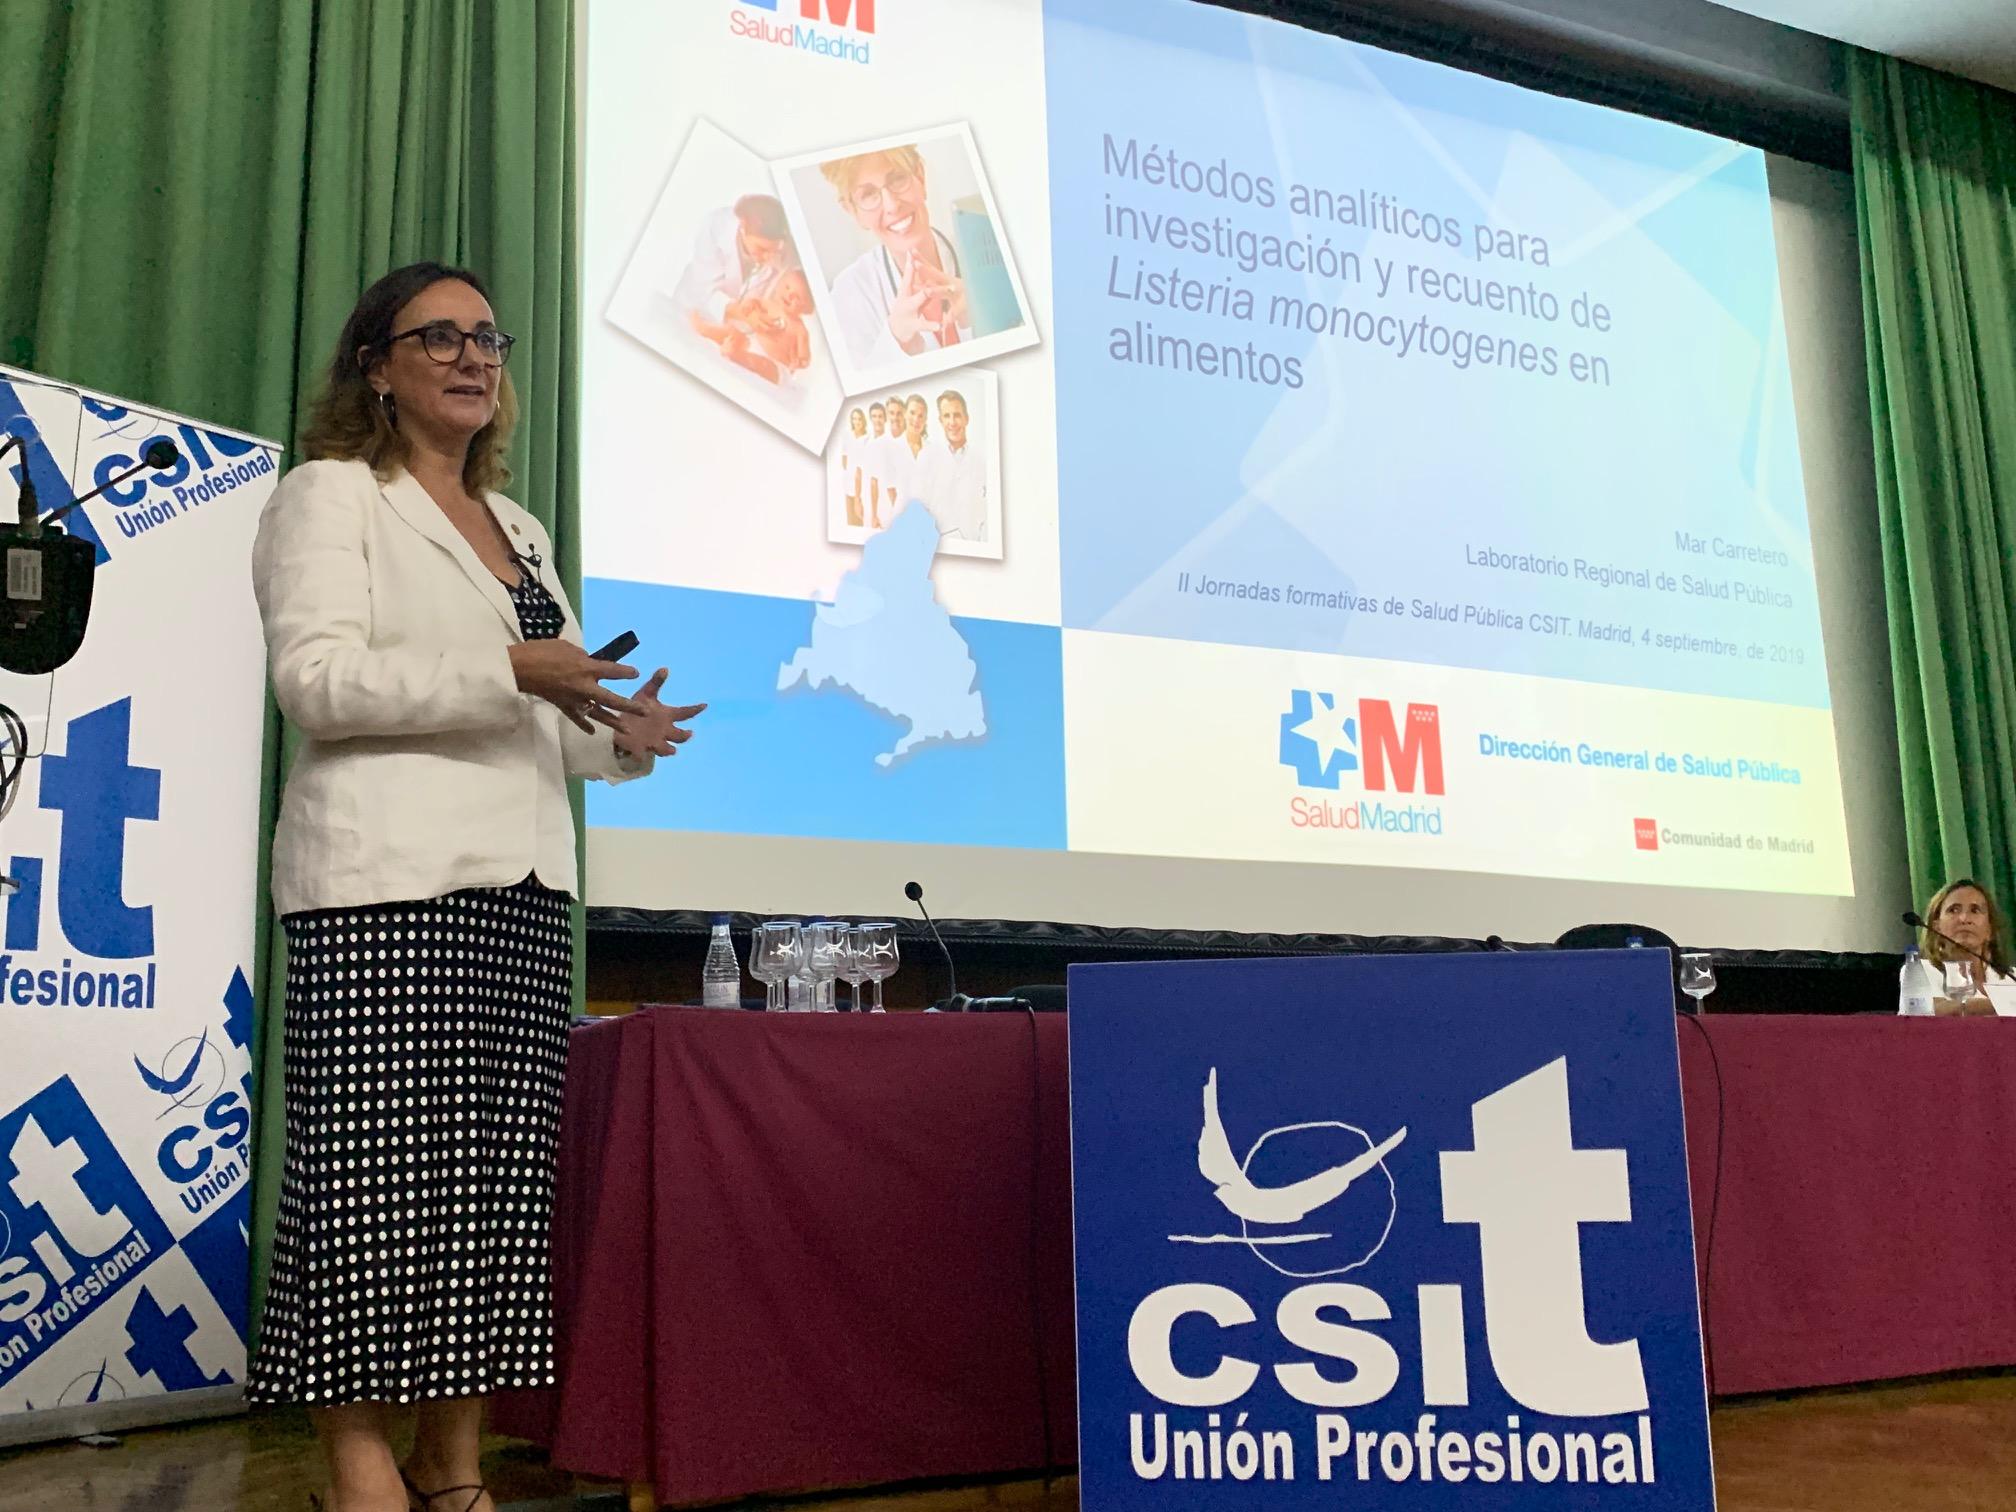 Mar Carretero, Directora del Laboratorio Regional de Salud Pública de la CM, durante su ponencia en la Jornada de Salud Pública: Listeriosis, organizada por el STSP CSIT UNIÓN PROFESIONAL